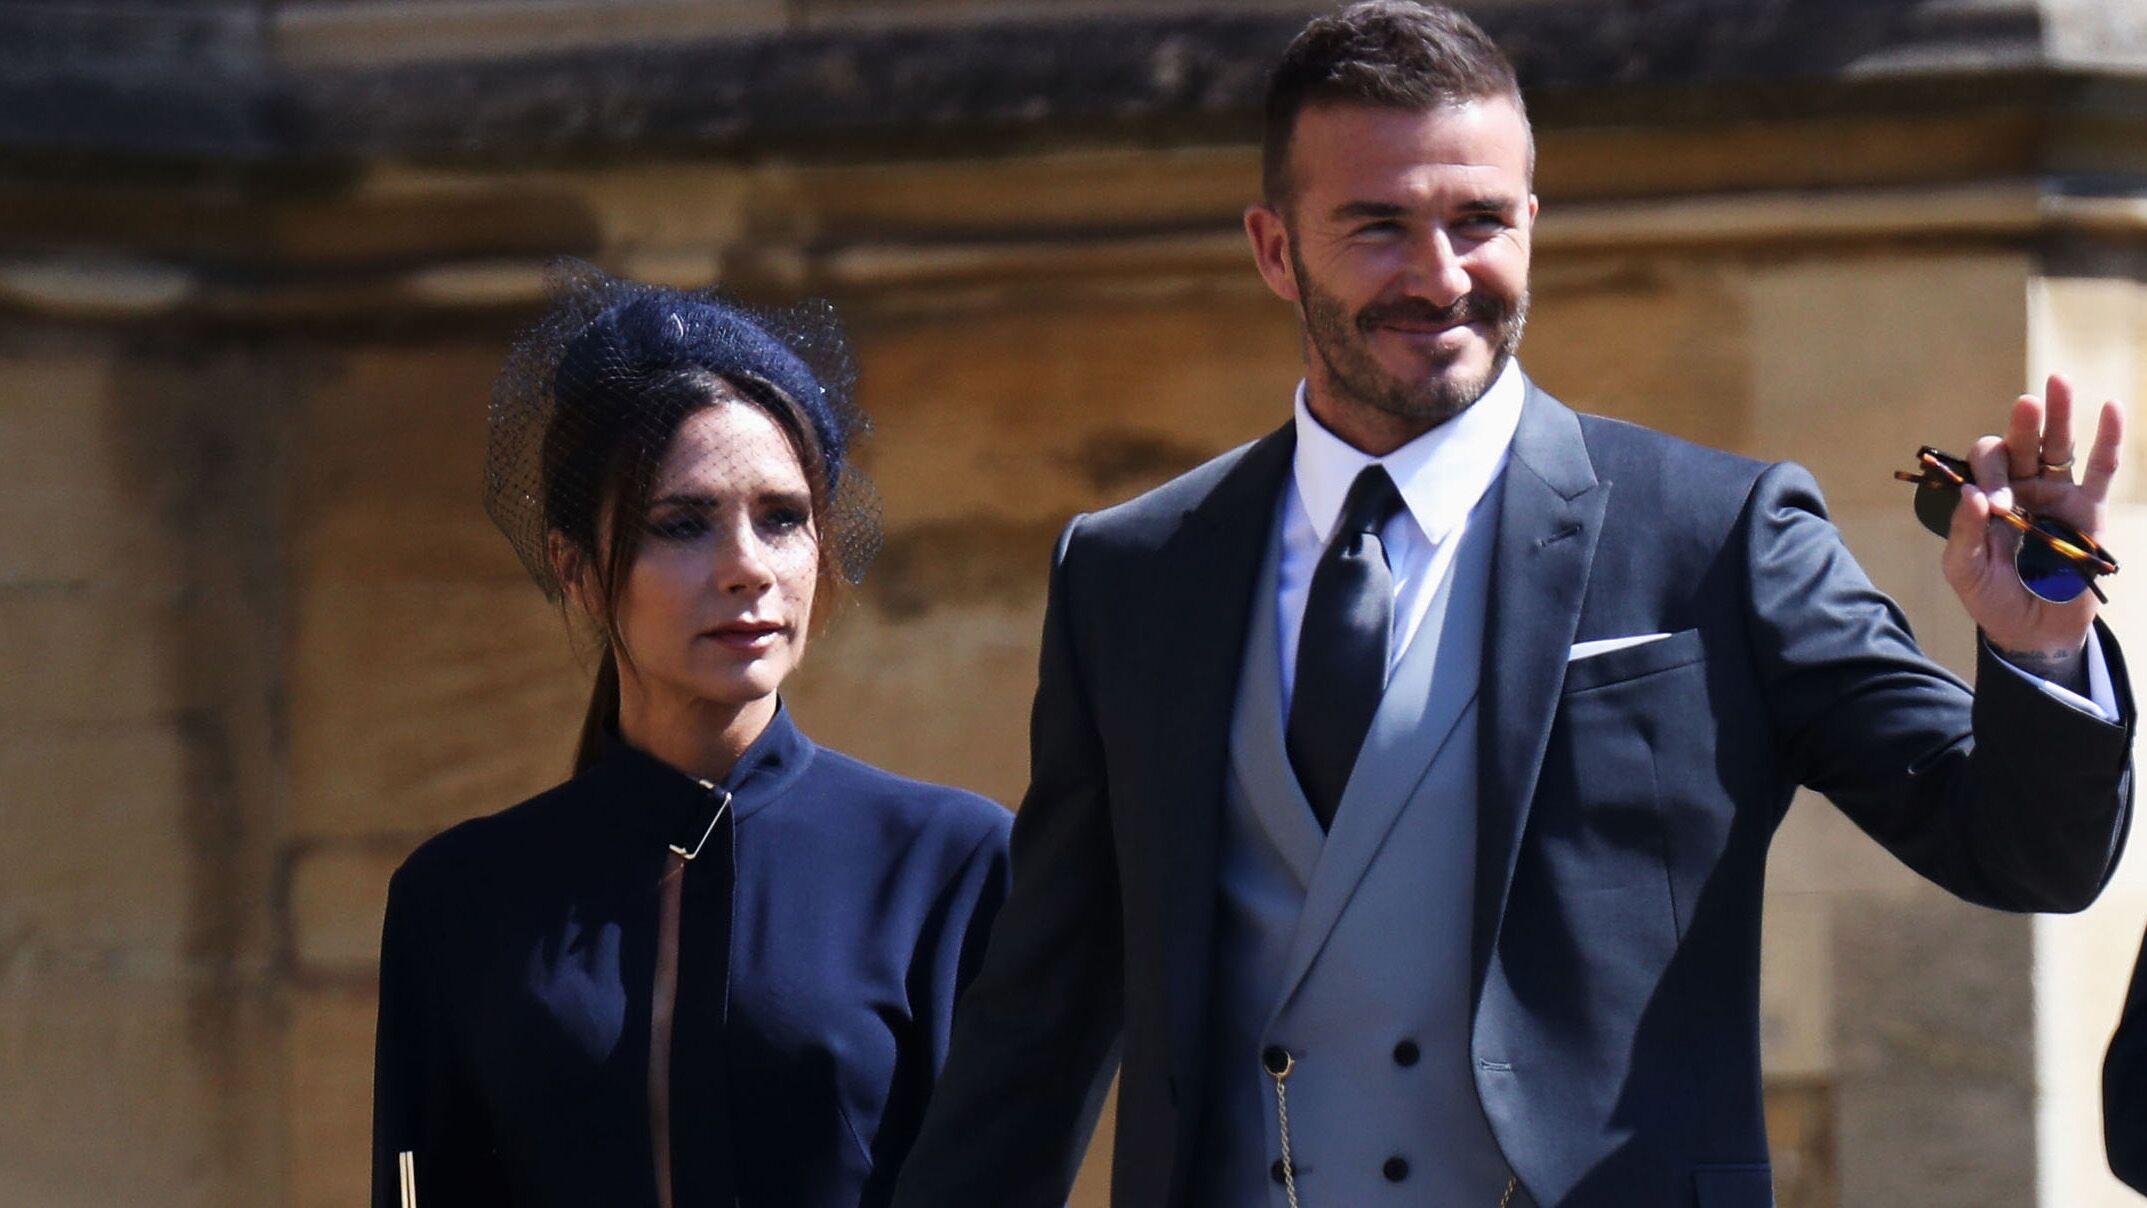 Fait Au Pourquoi De Du Scandale La Beckham Mariage Tenue Victoria 8nOXwZN0Pk